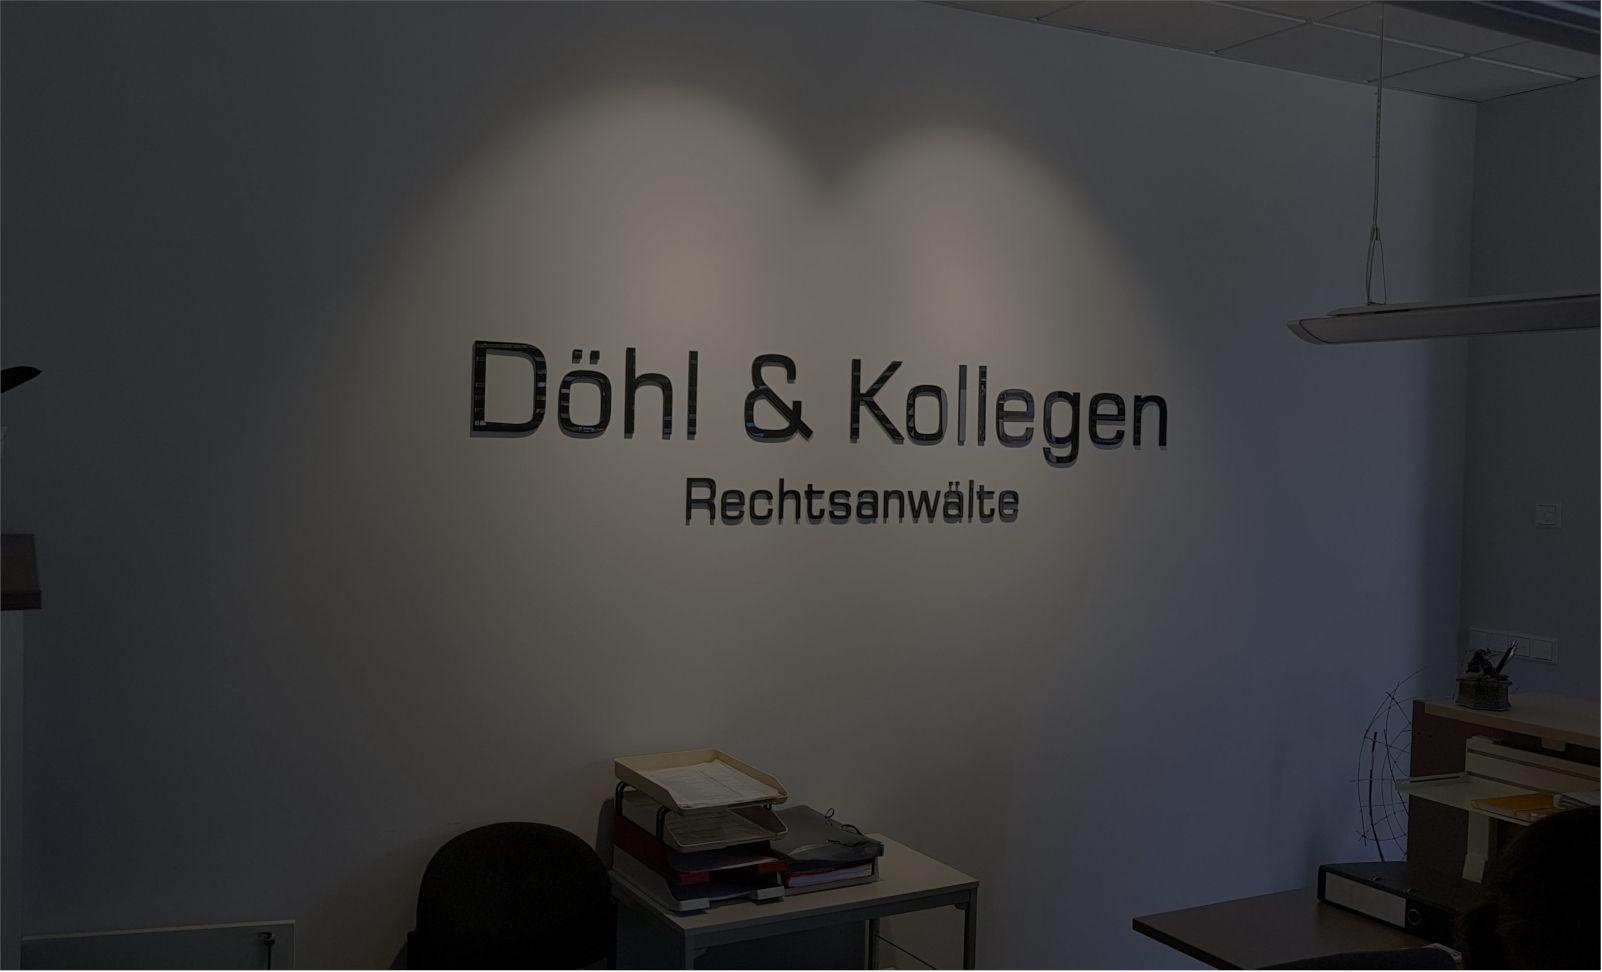 Döhl & Kollegen Rechtsanwälte in Hoyerswerda und Dresden